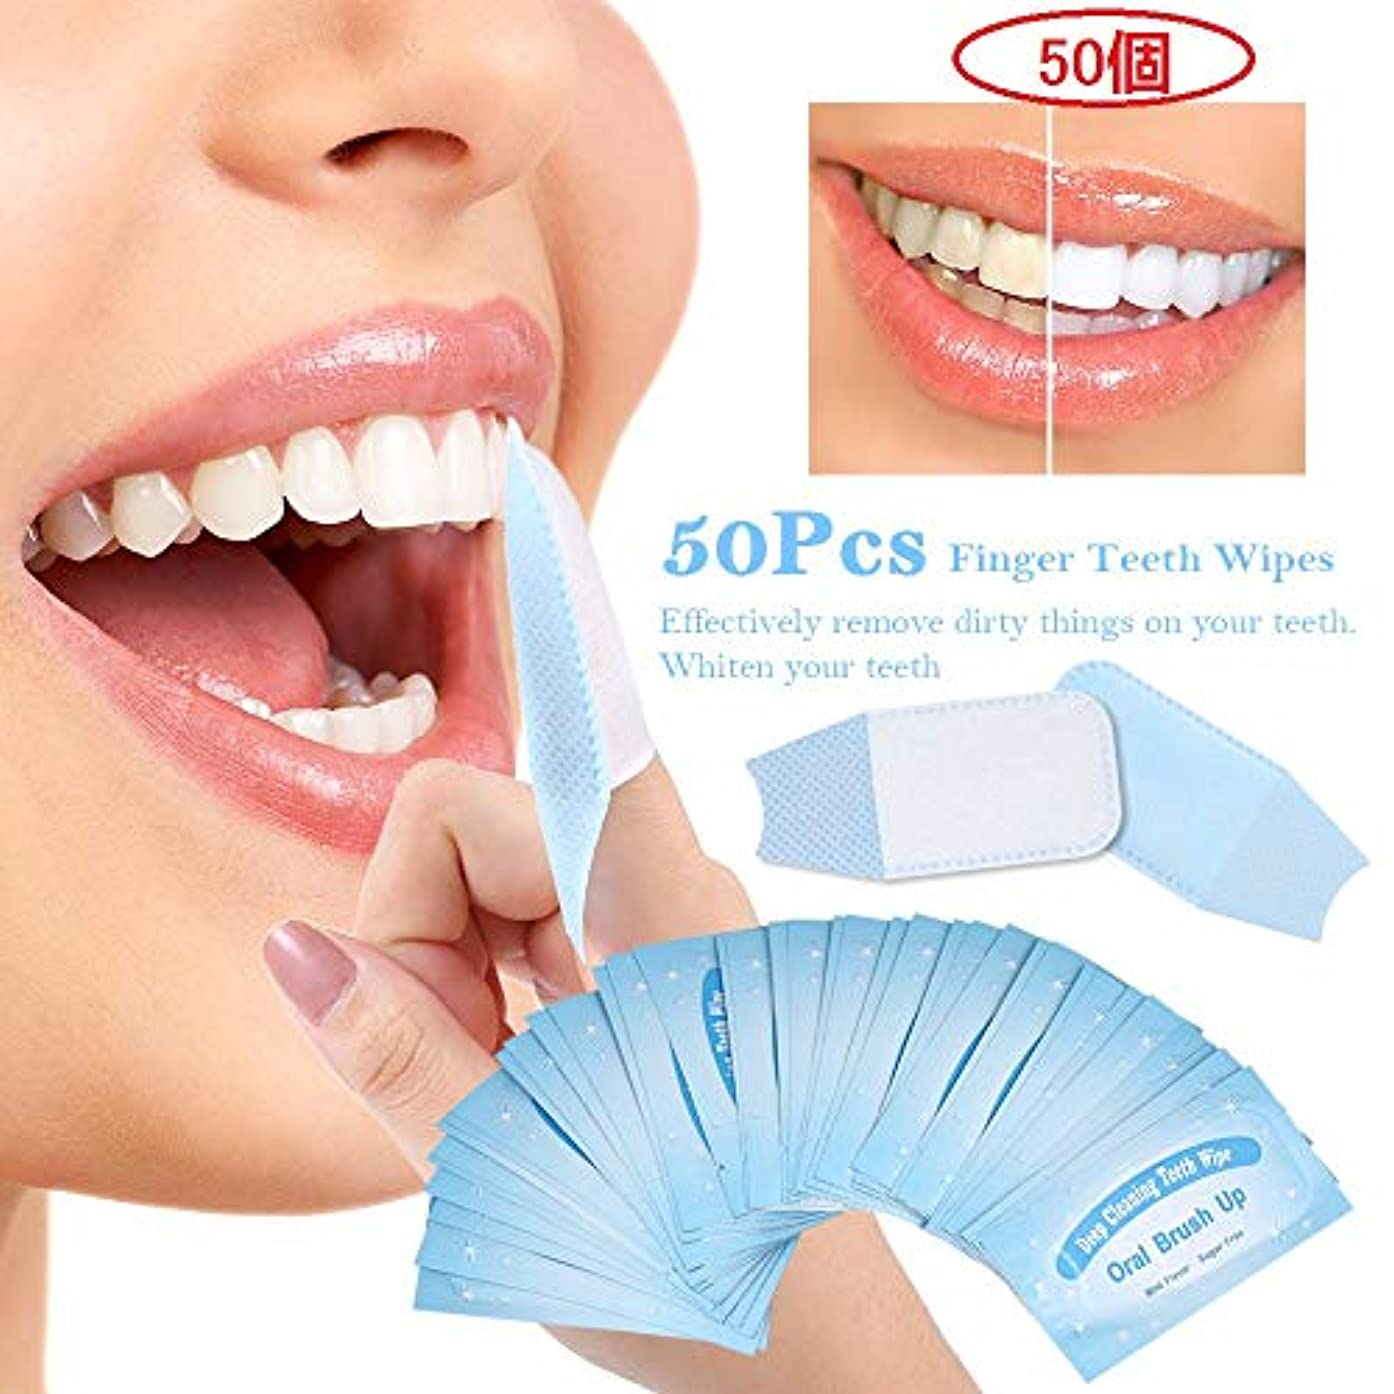 連想実現可能性変位50個-口腔衛生指の歯ワイプ歯ブラシアップワイプ歯科用ディープクリーニング歯のホワイトニングツール歯科口腔ケア